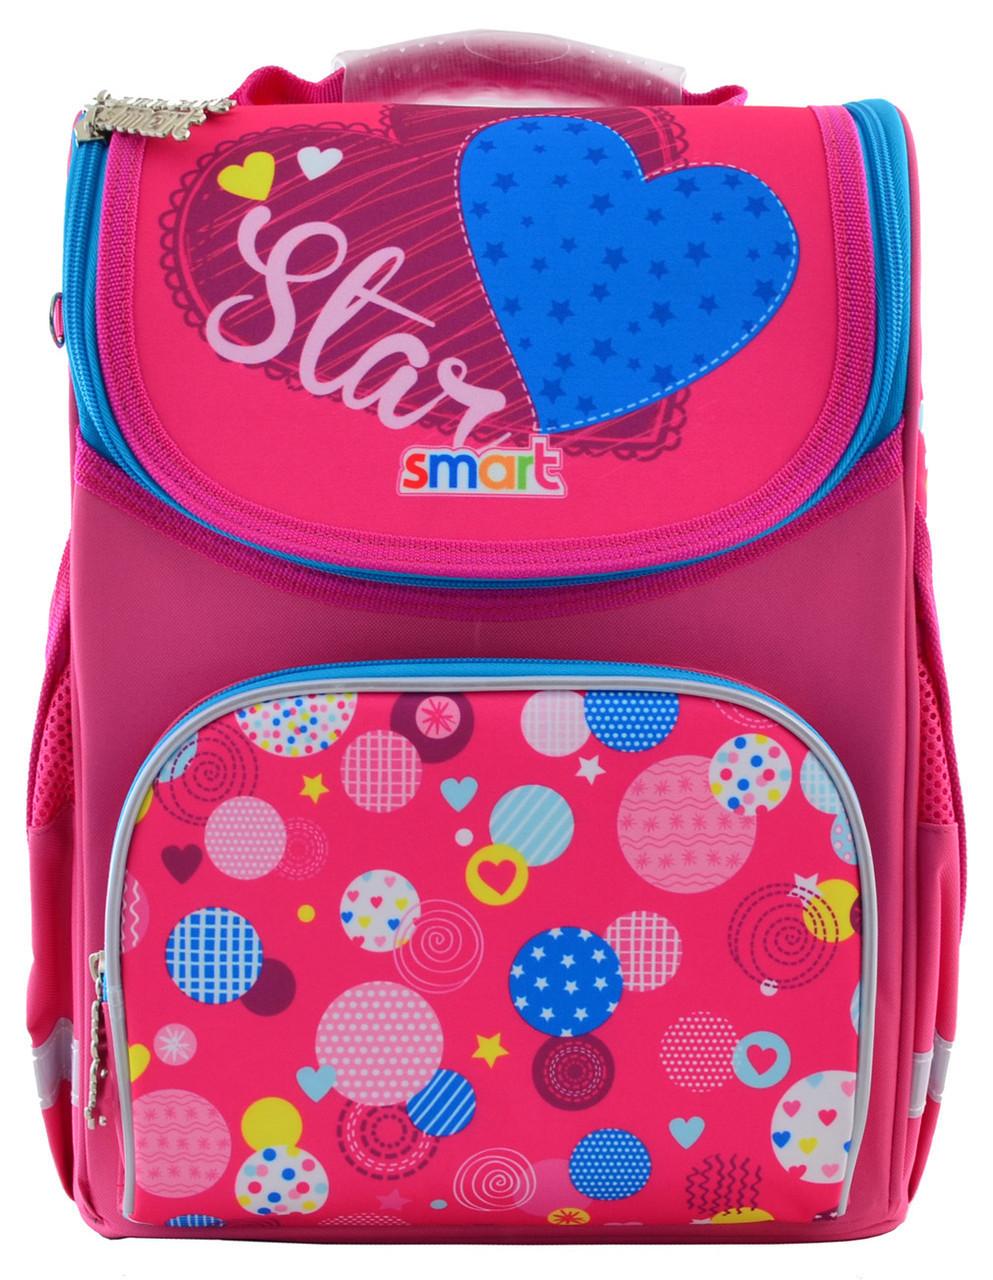 Каркасный ортопедический рюкзак Smart для девочки 34*26*14